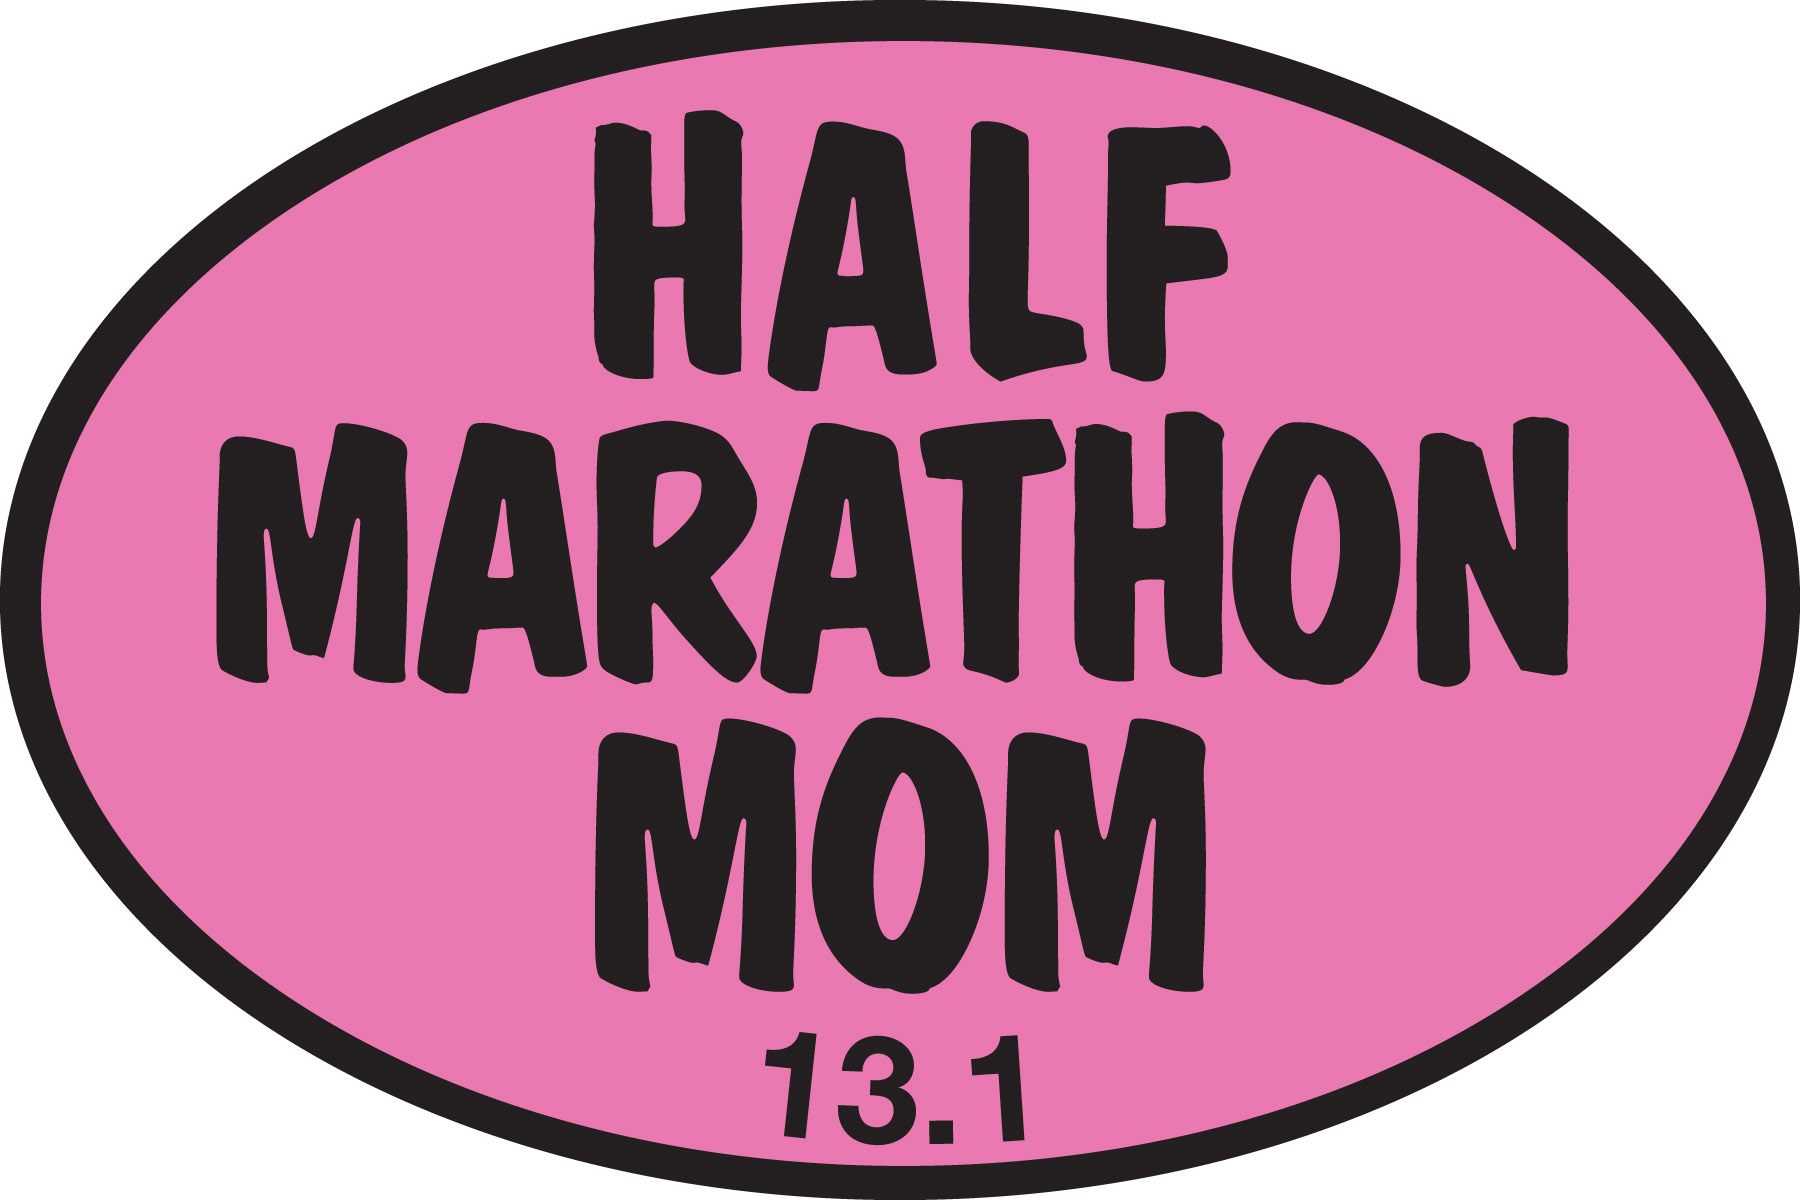 Half marathon mom pink sticker 0